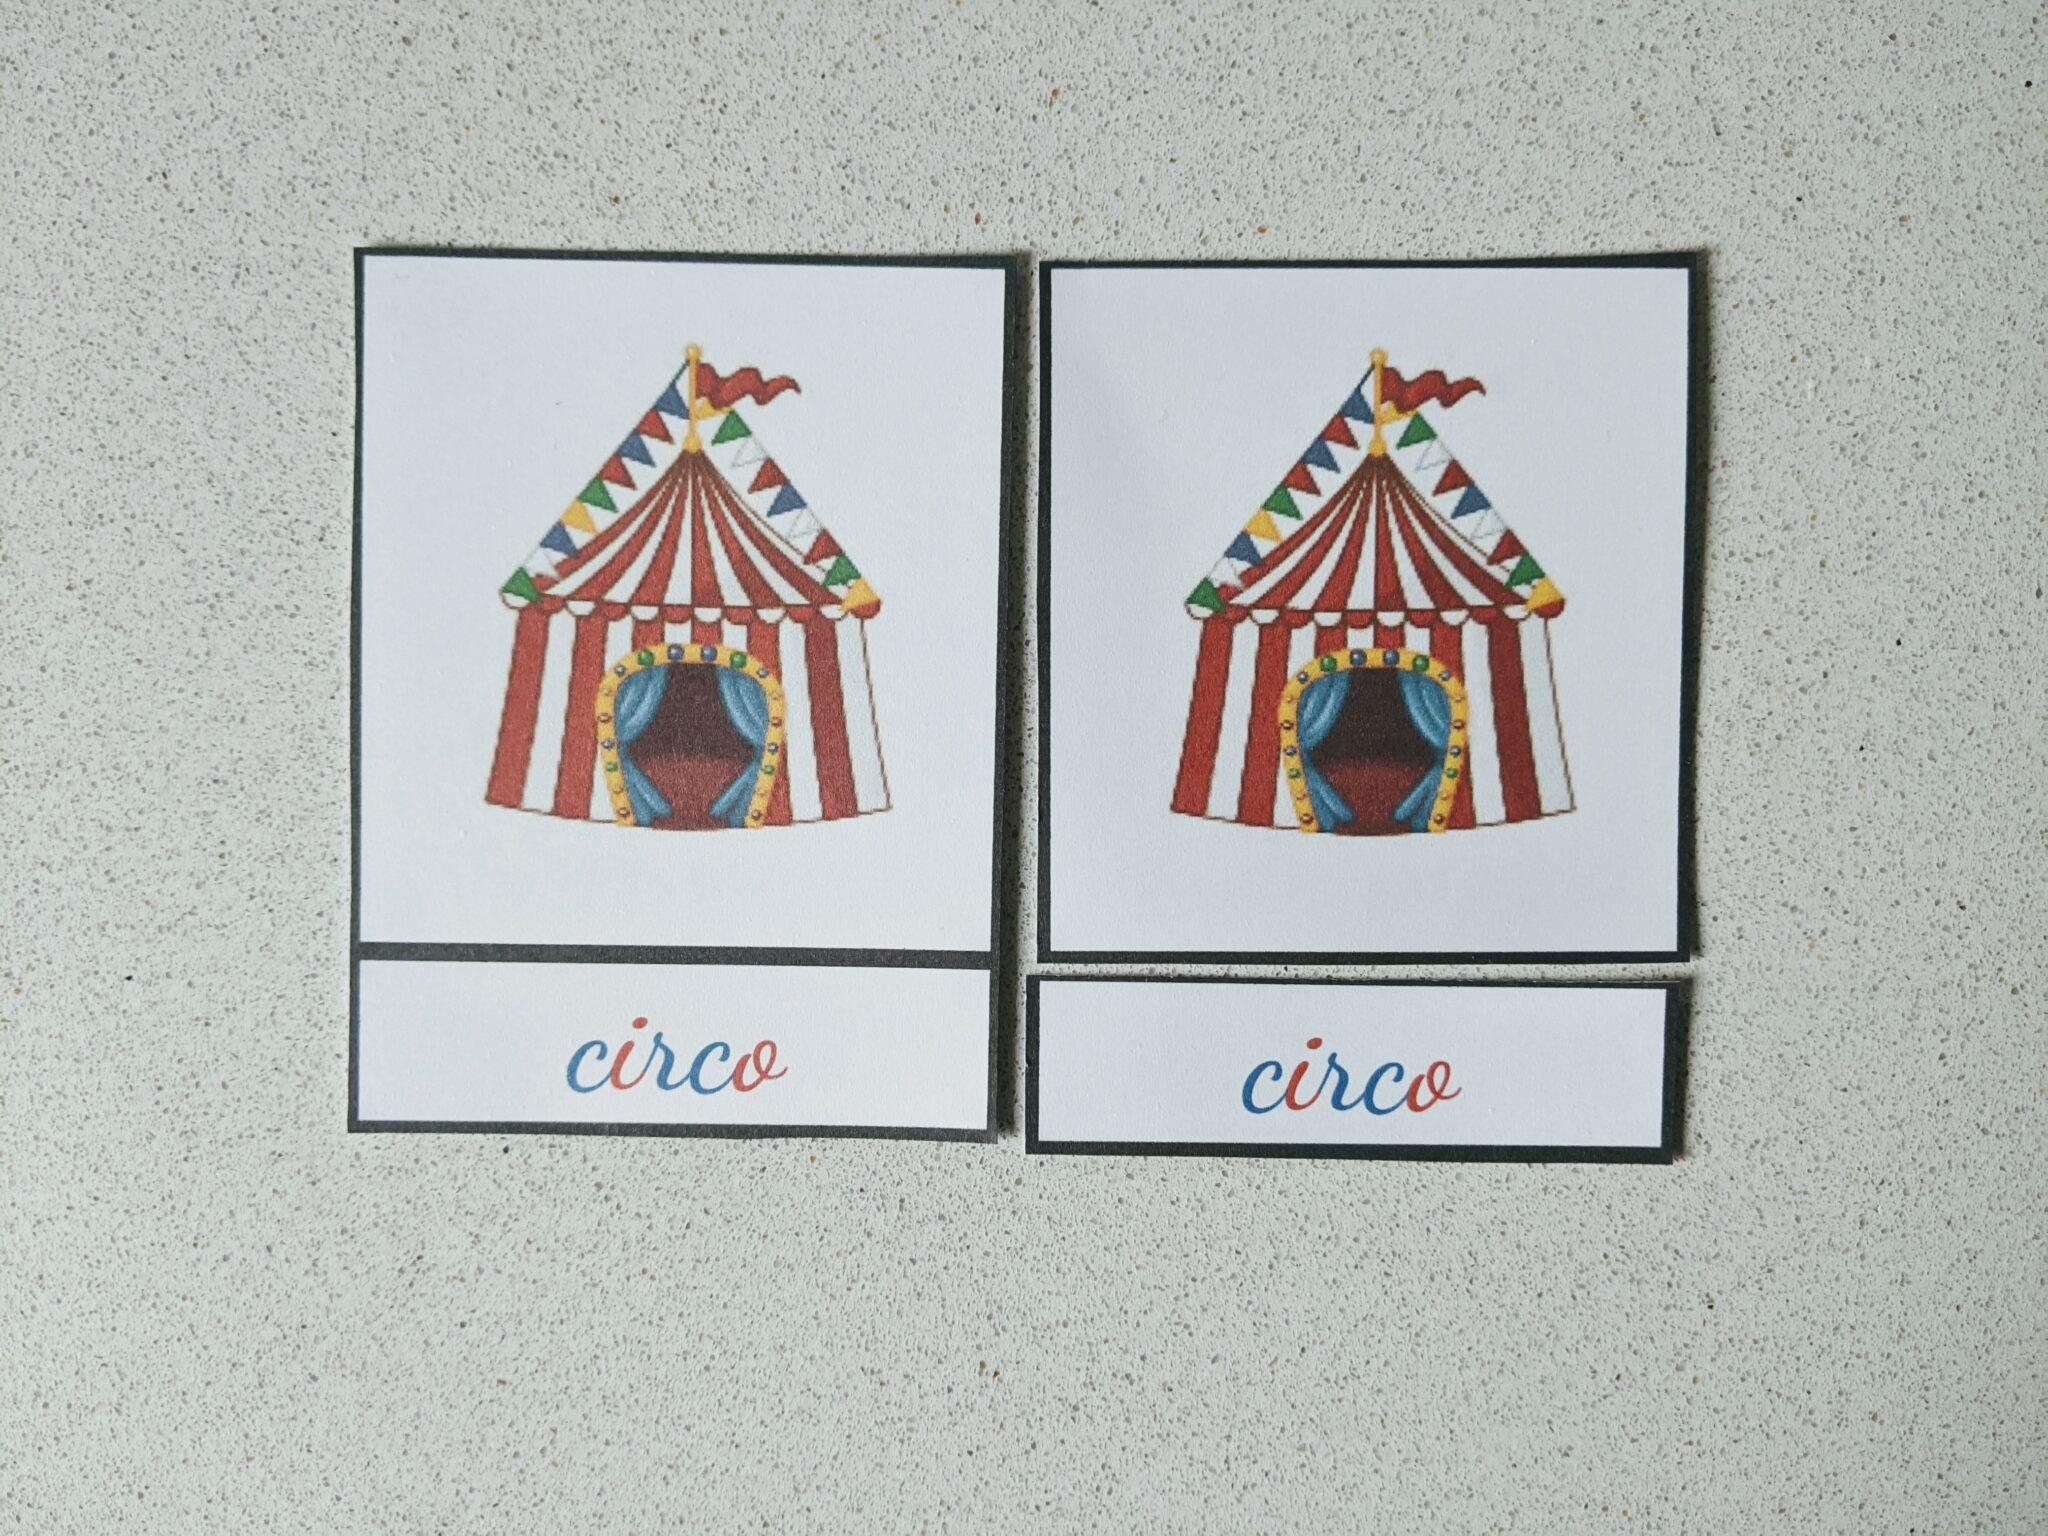 atividade de linguagem para o dia do circo